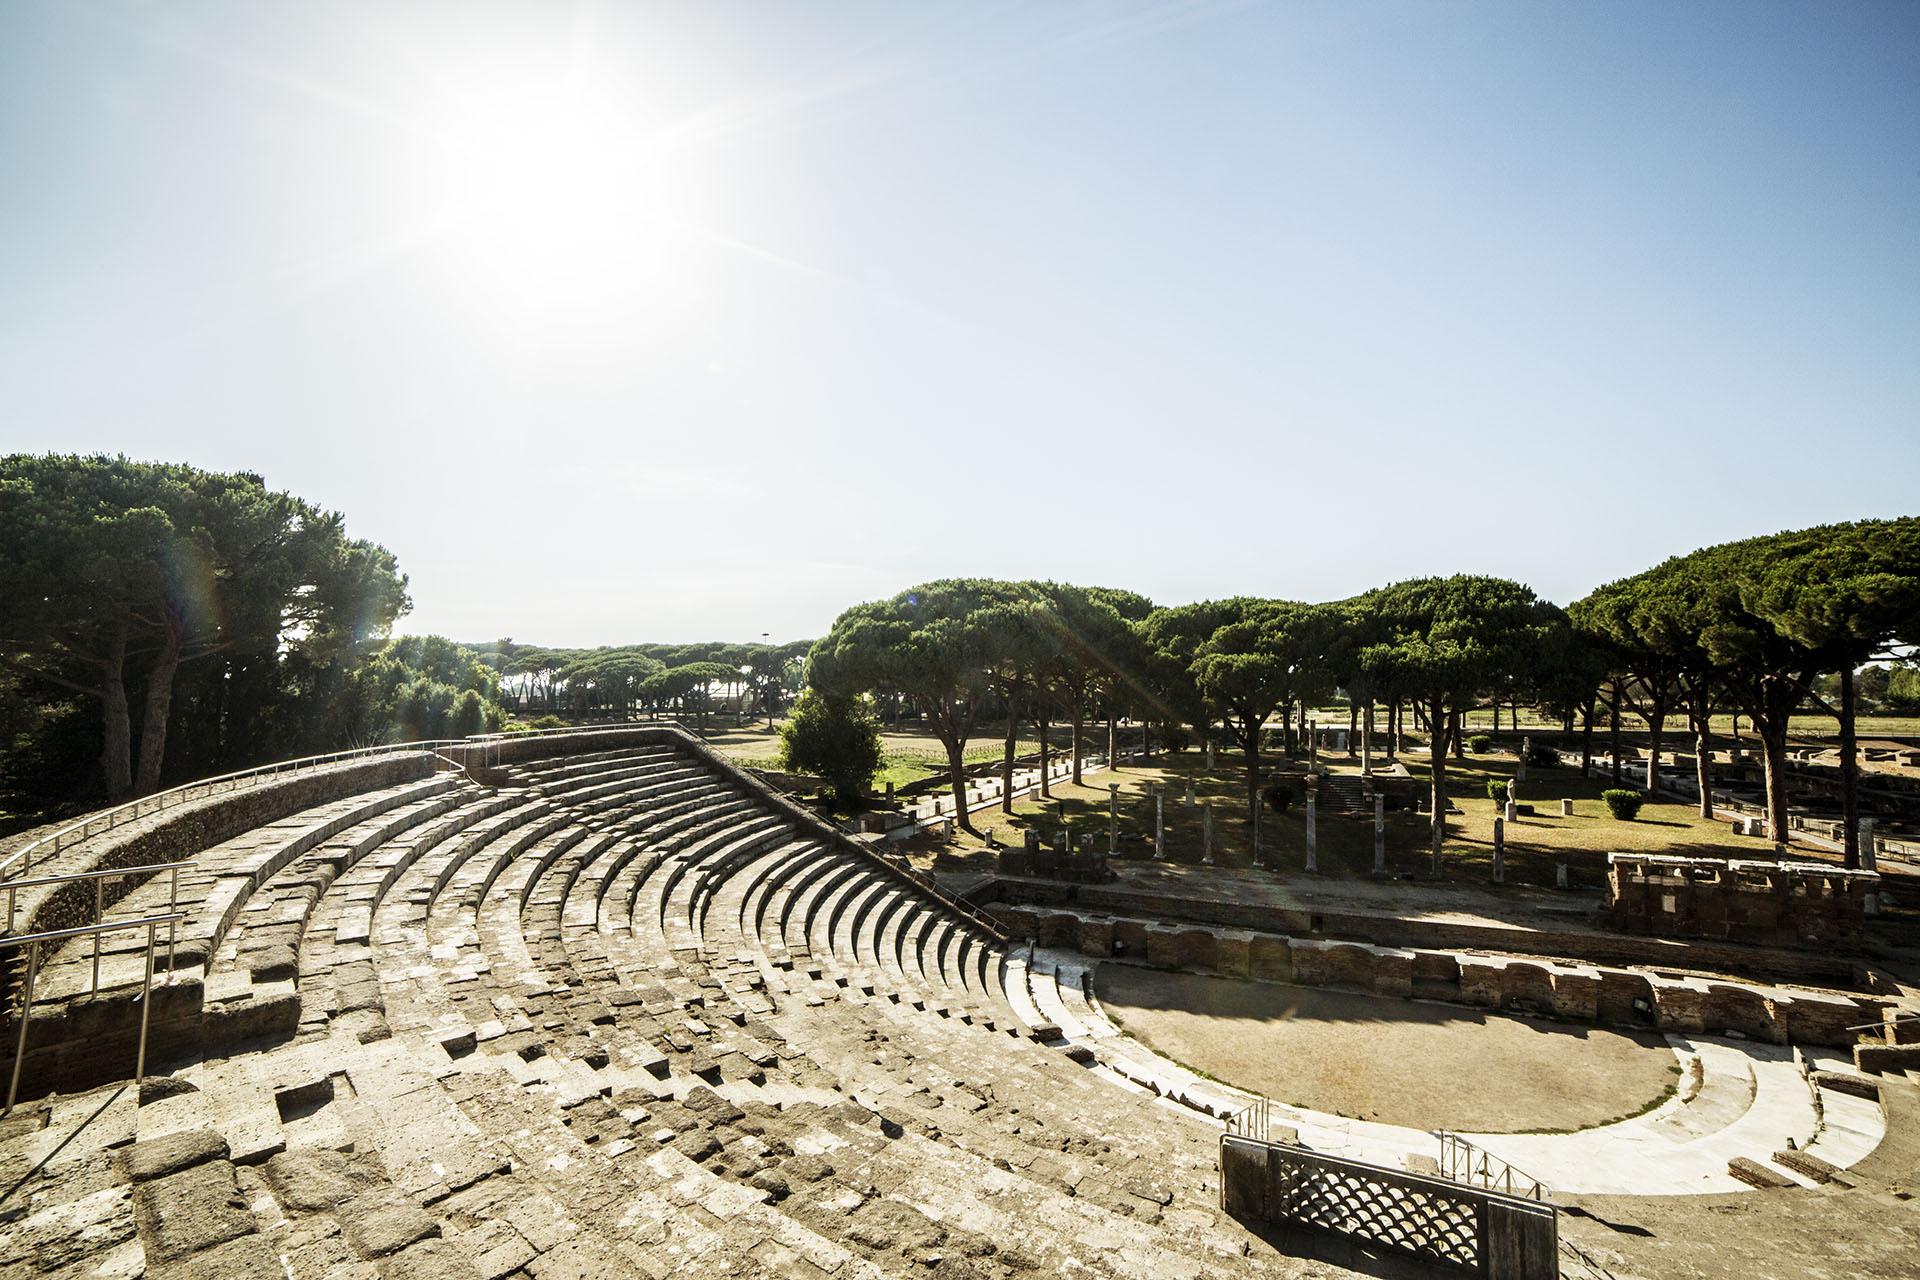 ostia antica teatro festival